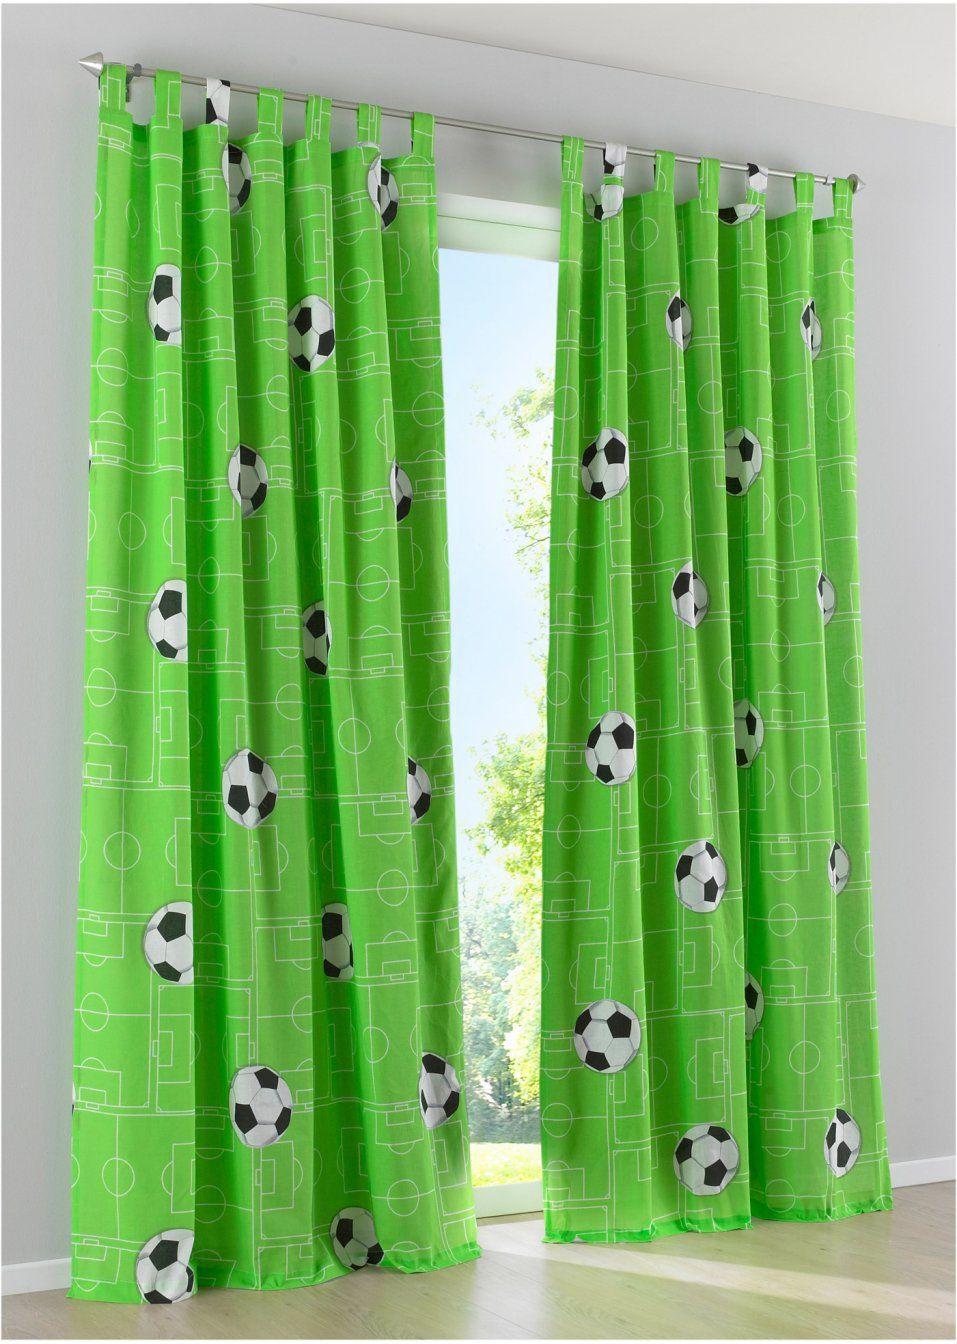 Vorhang Mit Fußball Druck 1er Pack Haus Deko Zuhause